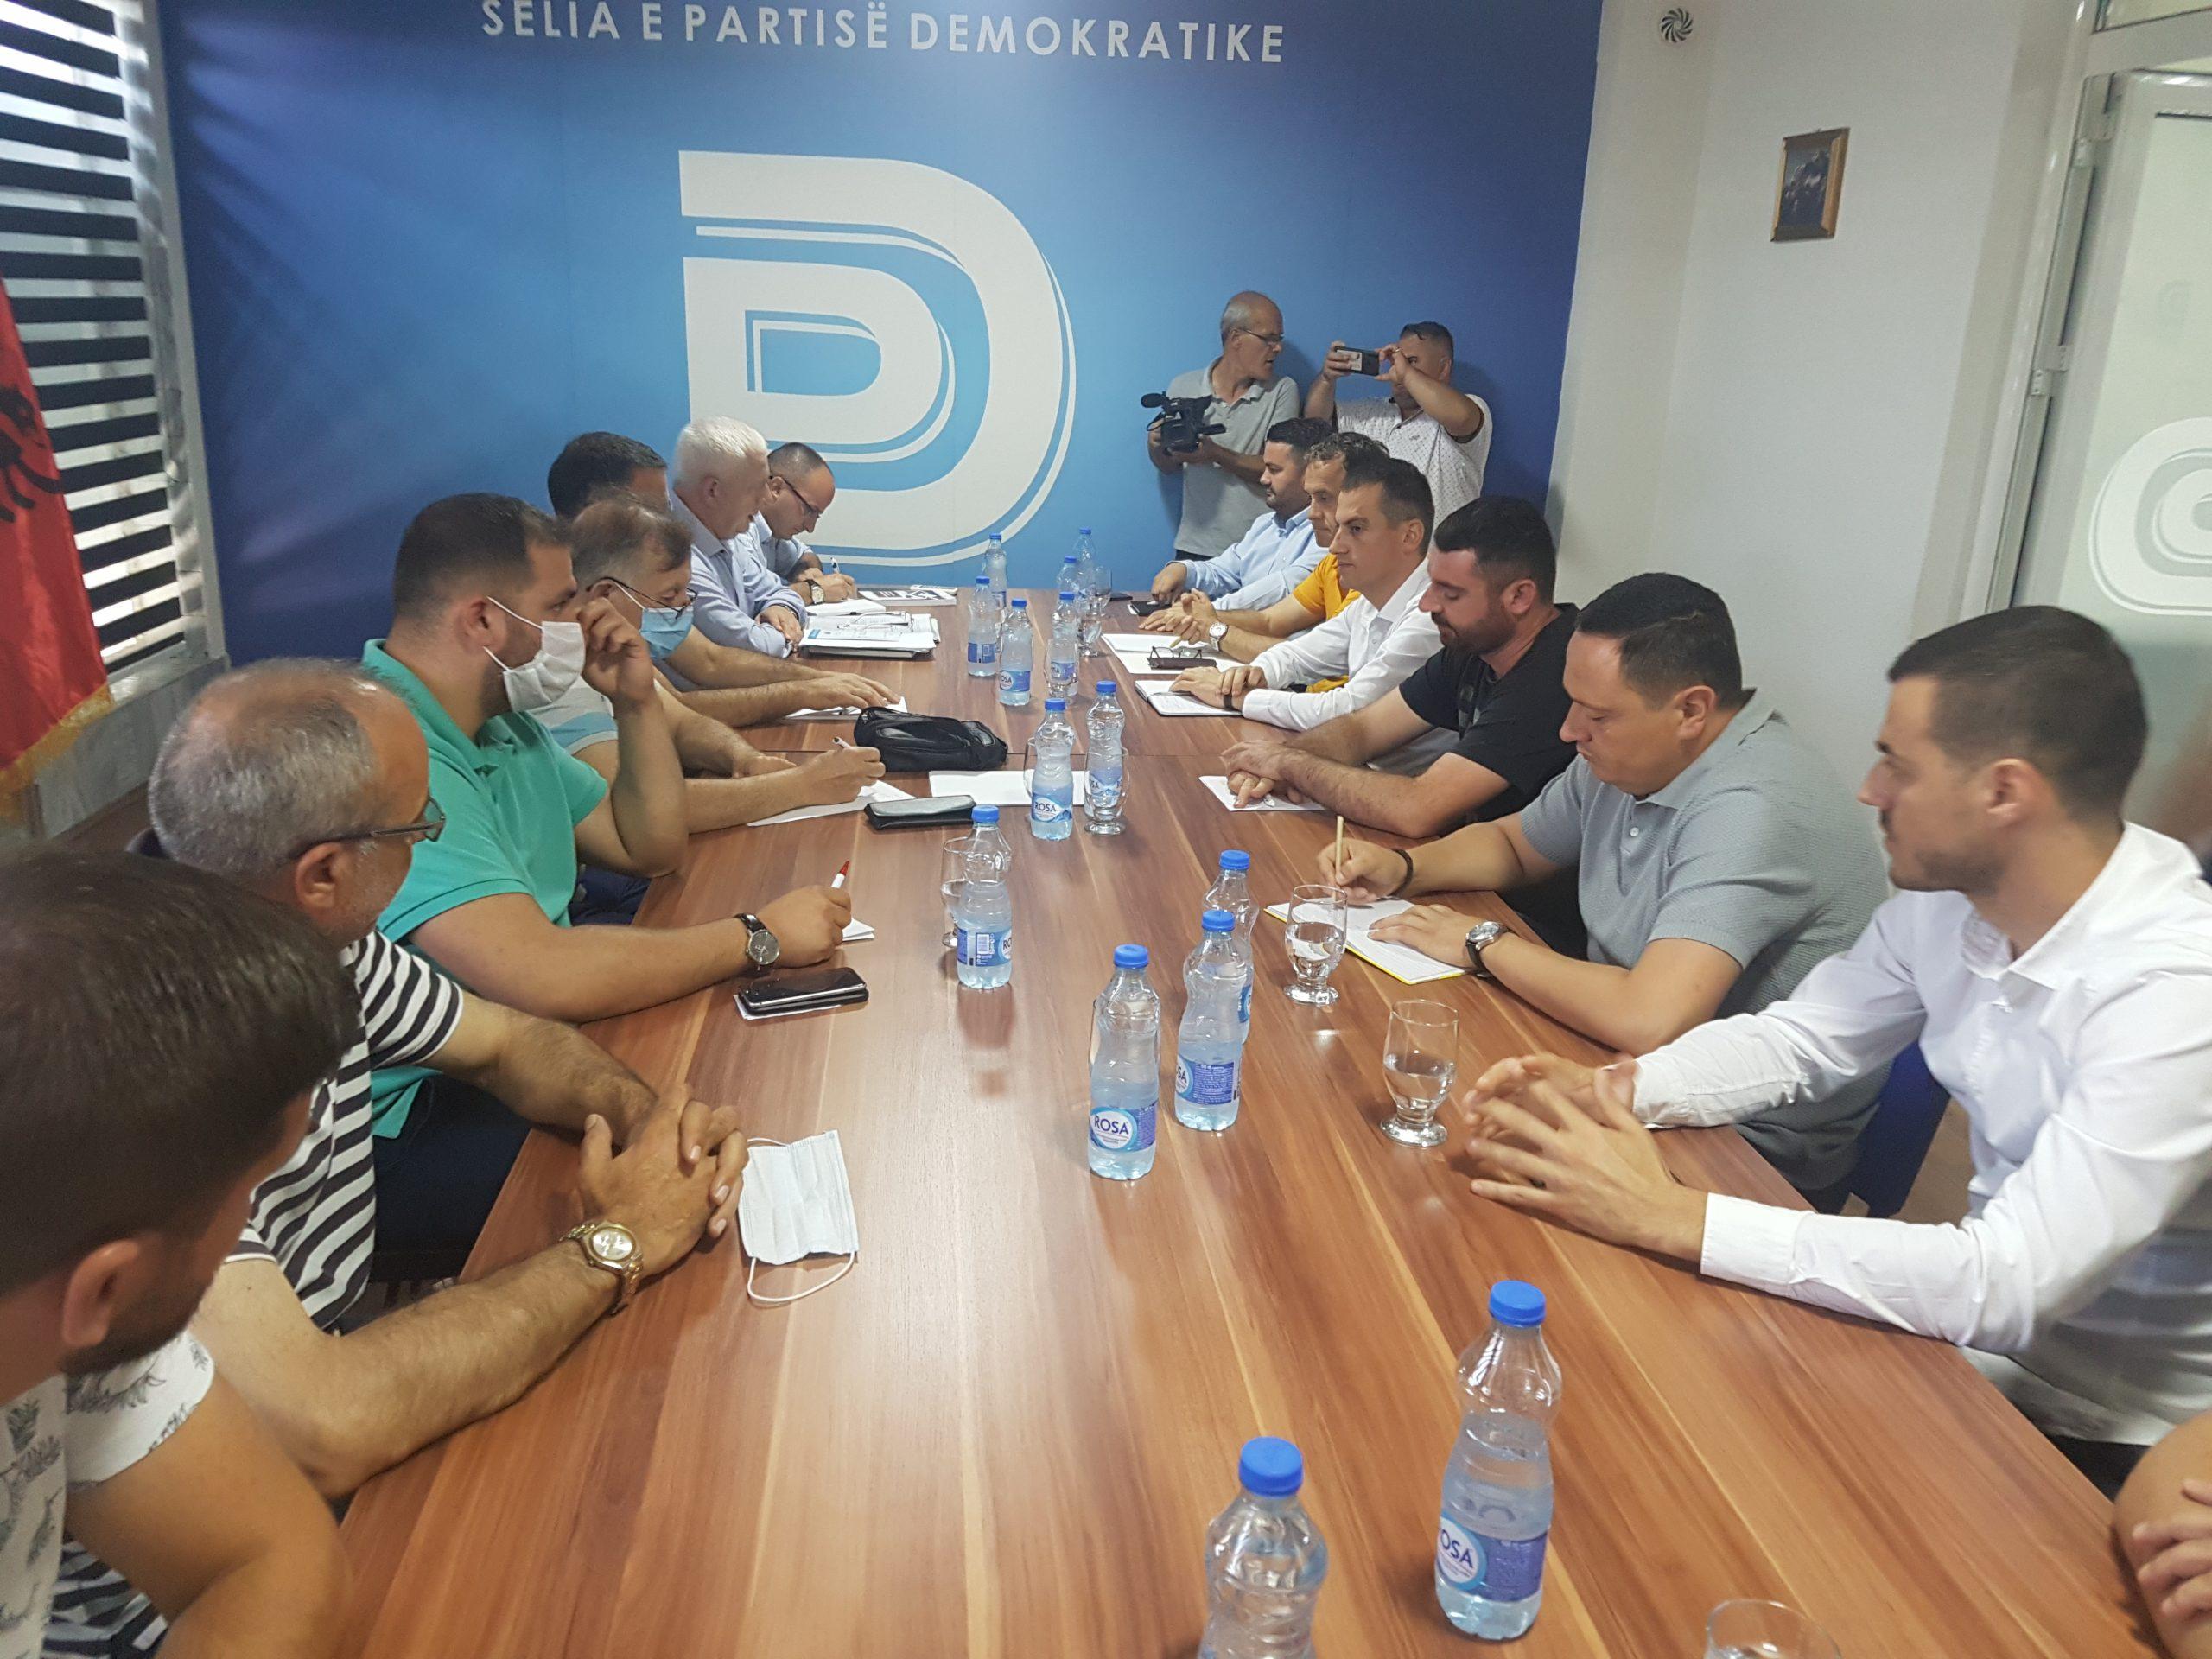 Nis takimi i tretë në PD, a do të arrihet sot Marrëveshja për koalicion ?